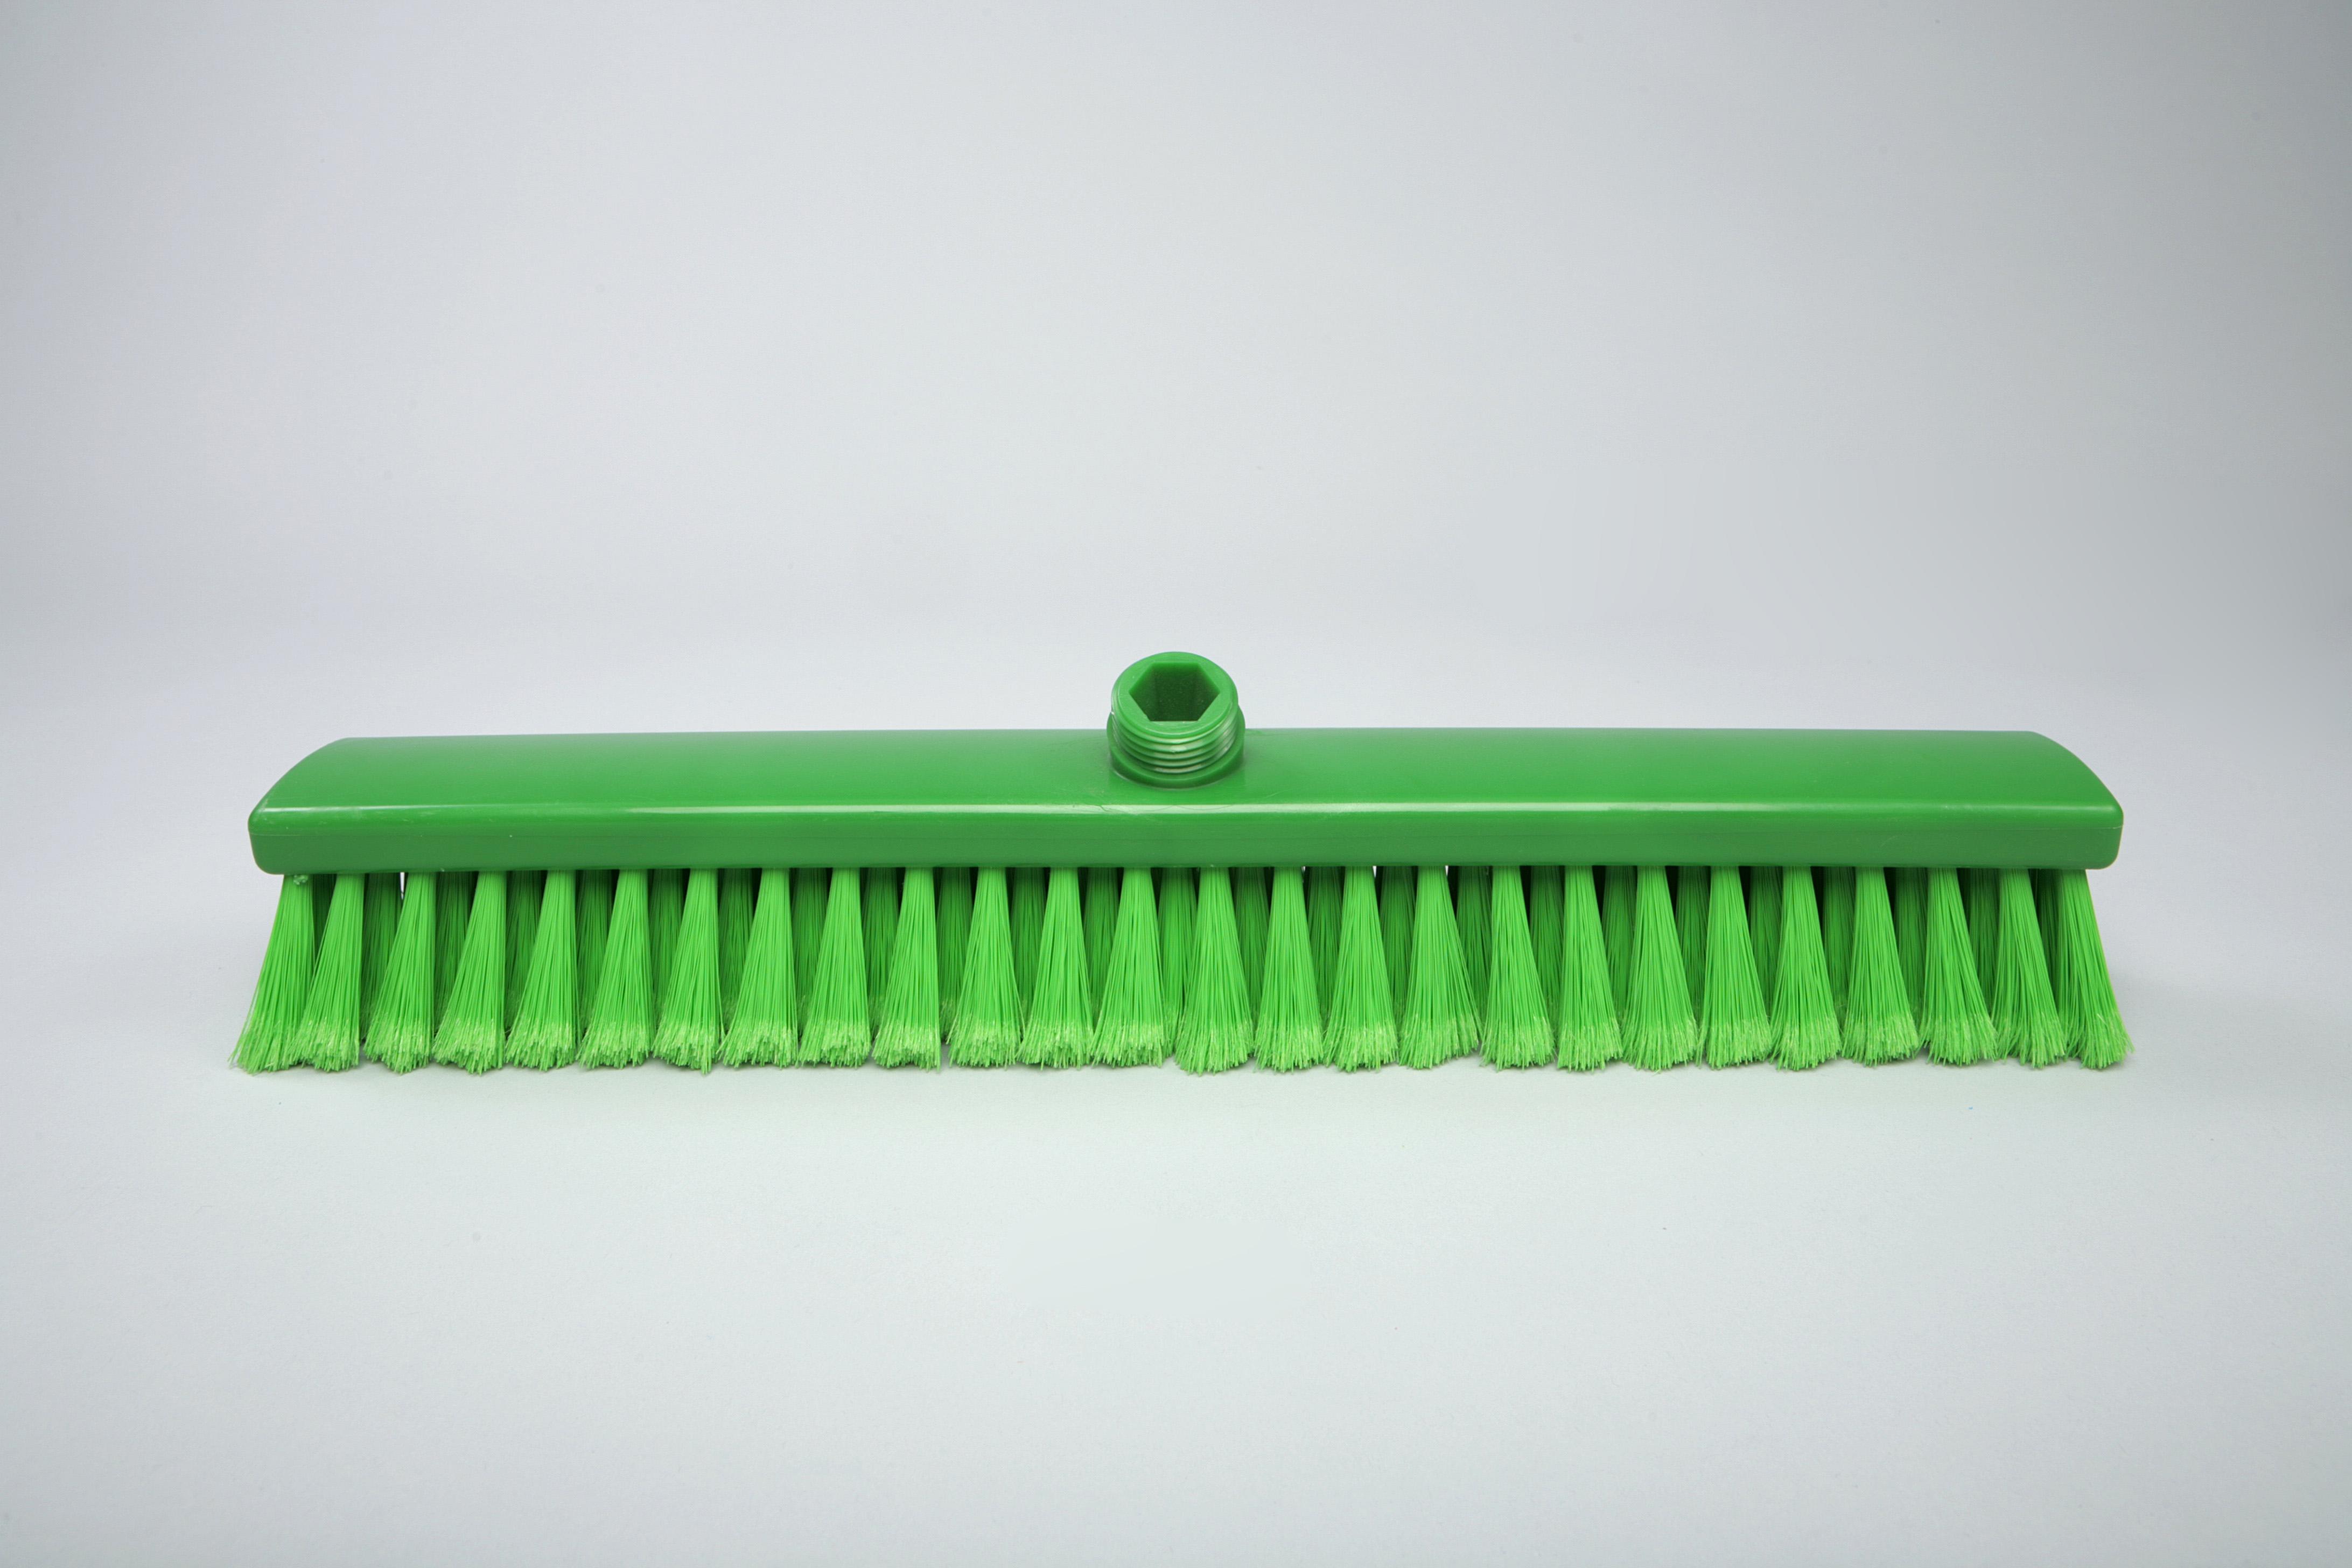 Unimop pühkimishari 500 x 60 x 55 mm, pehme, roheline, kastis 6 tk